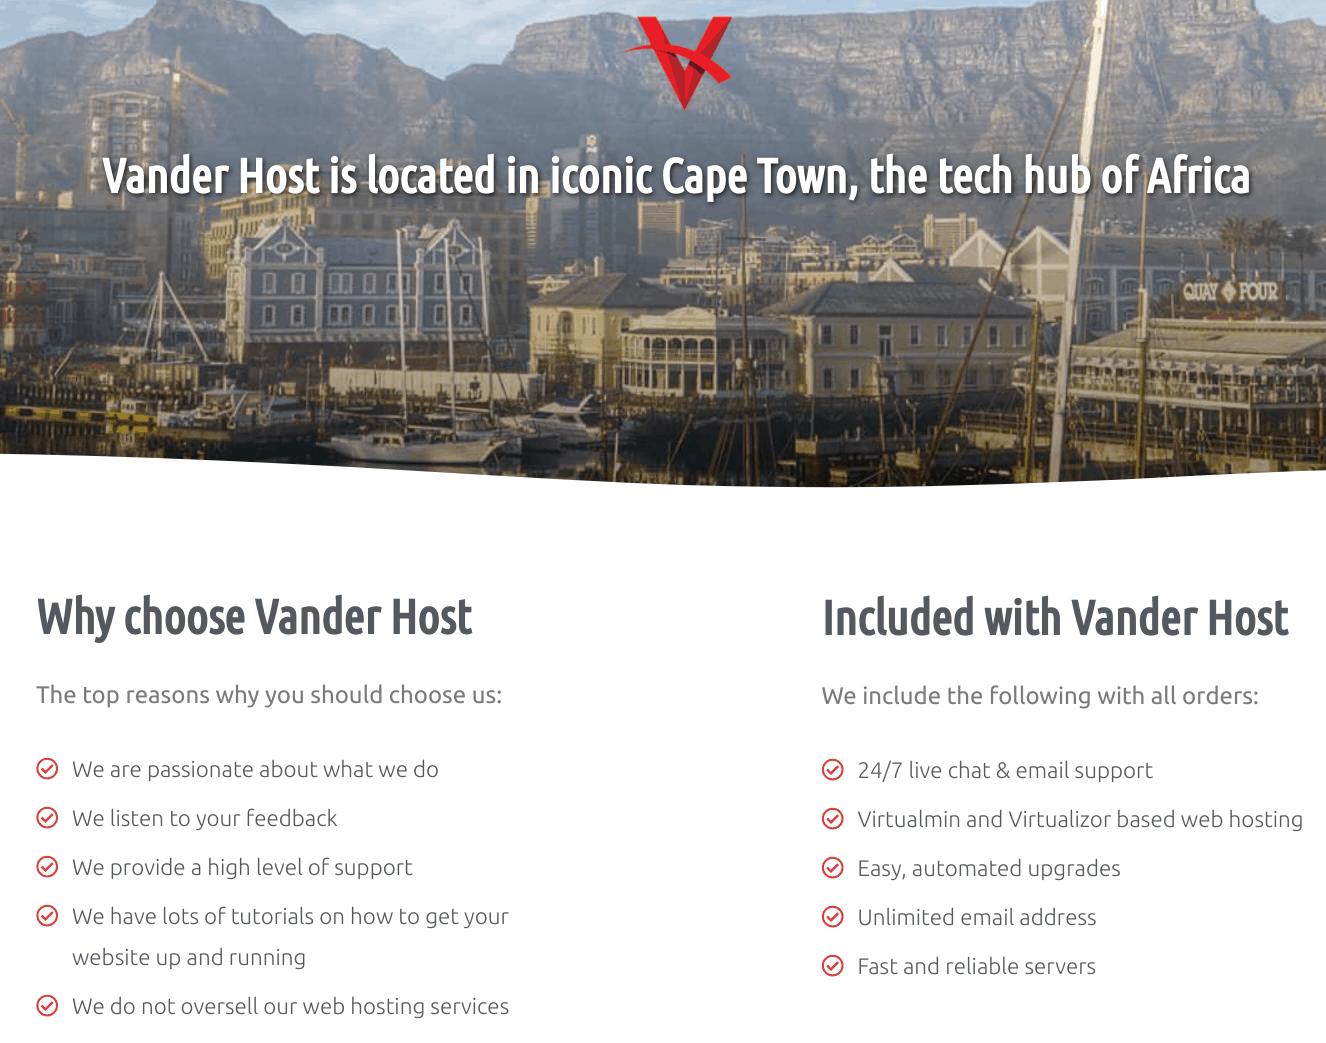 Vander Host